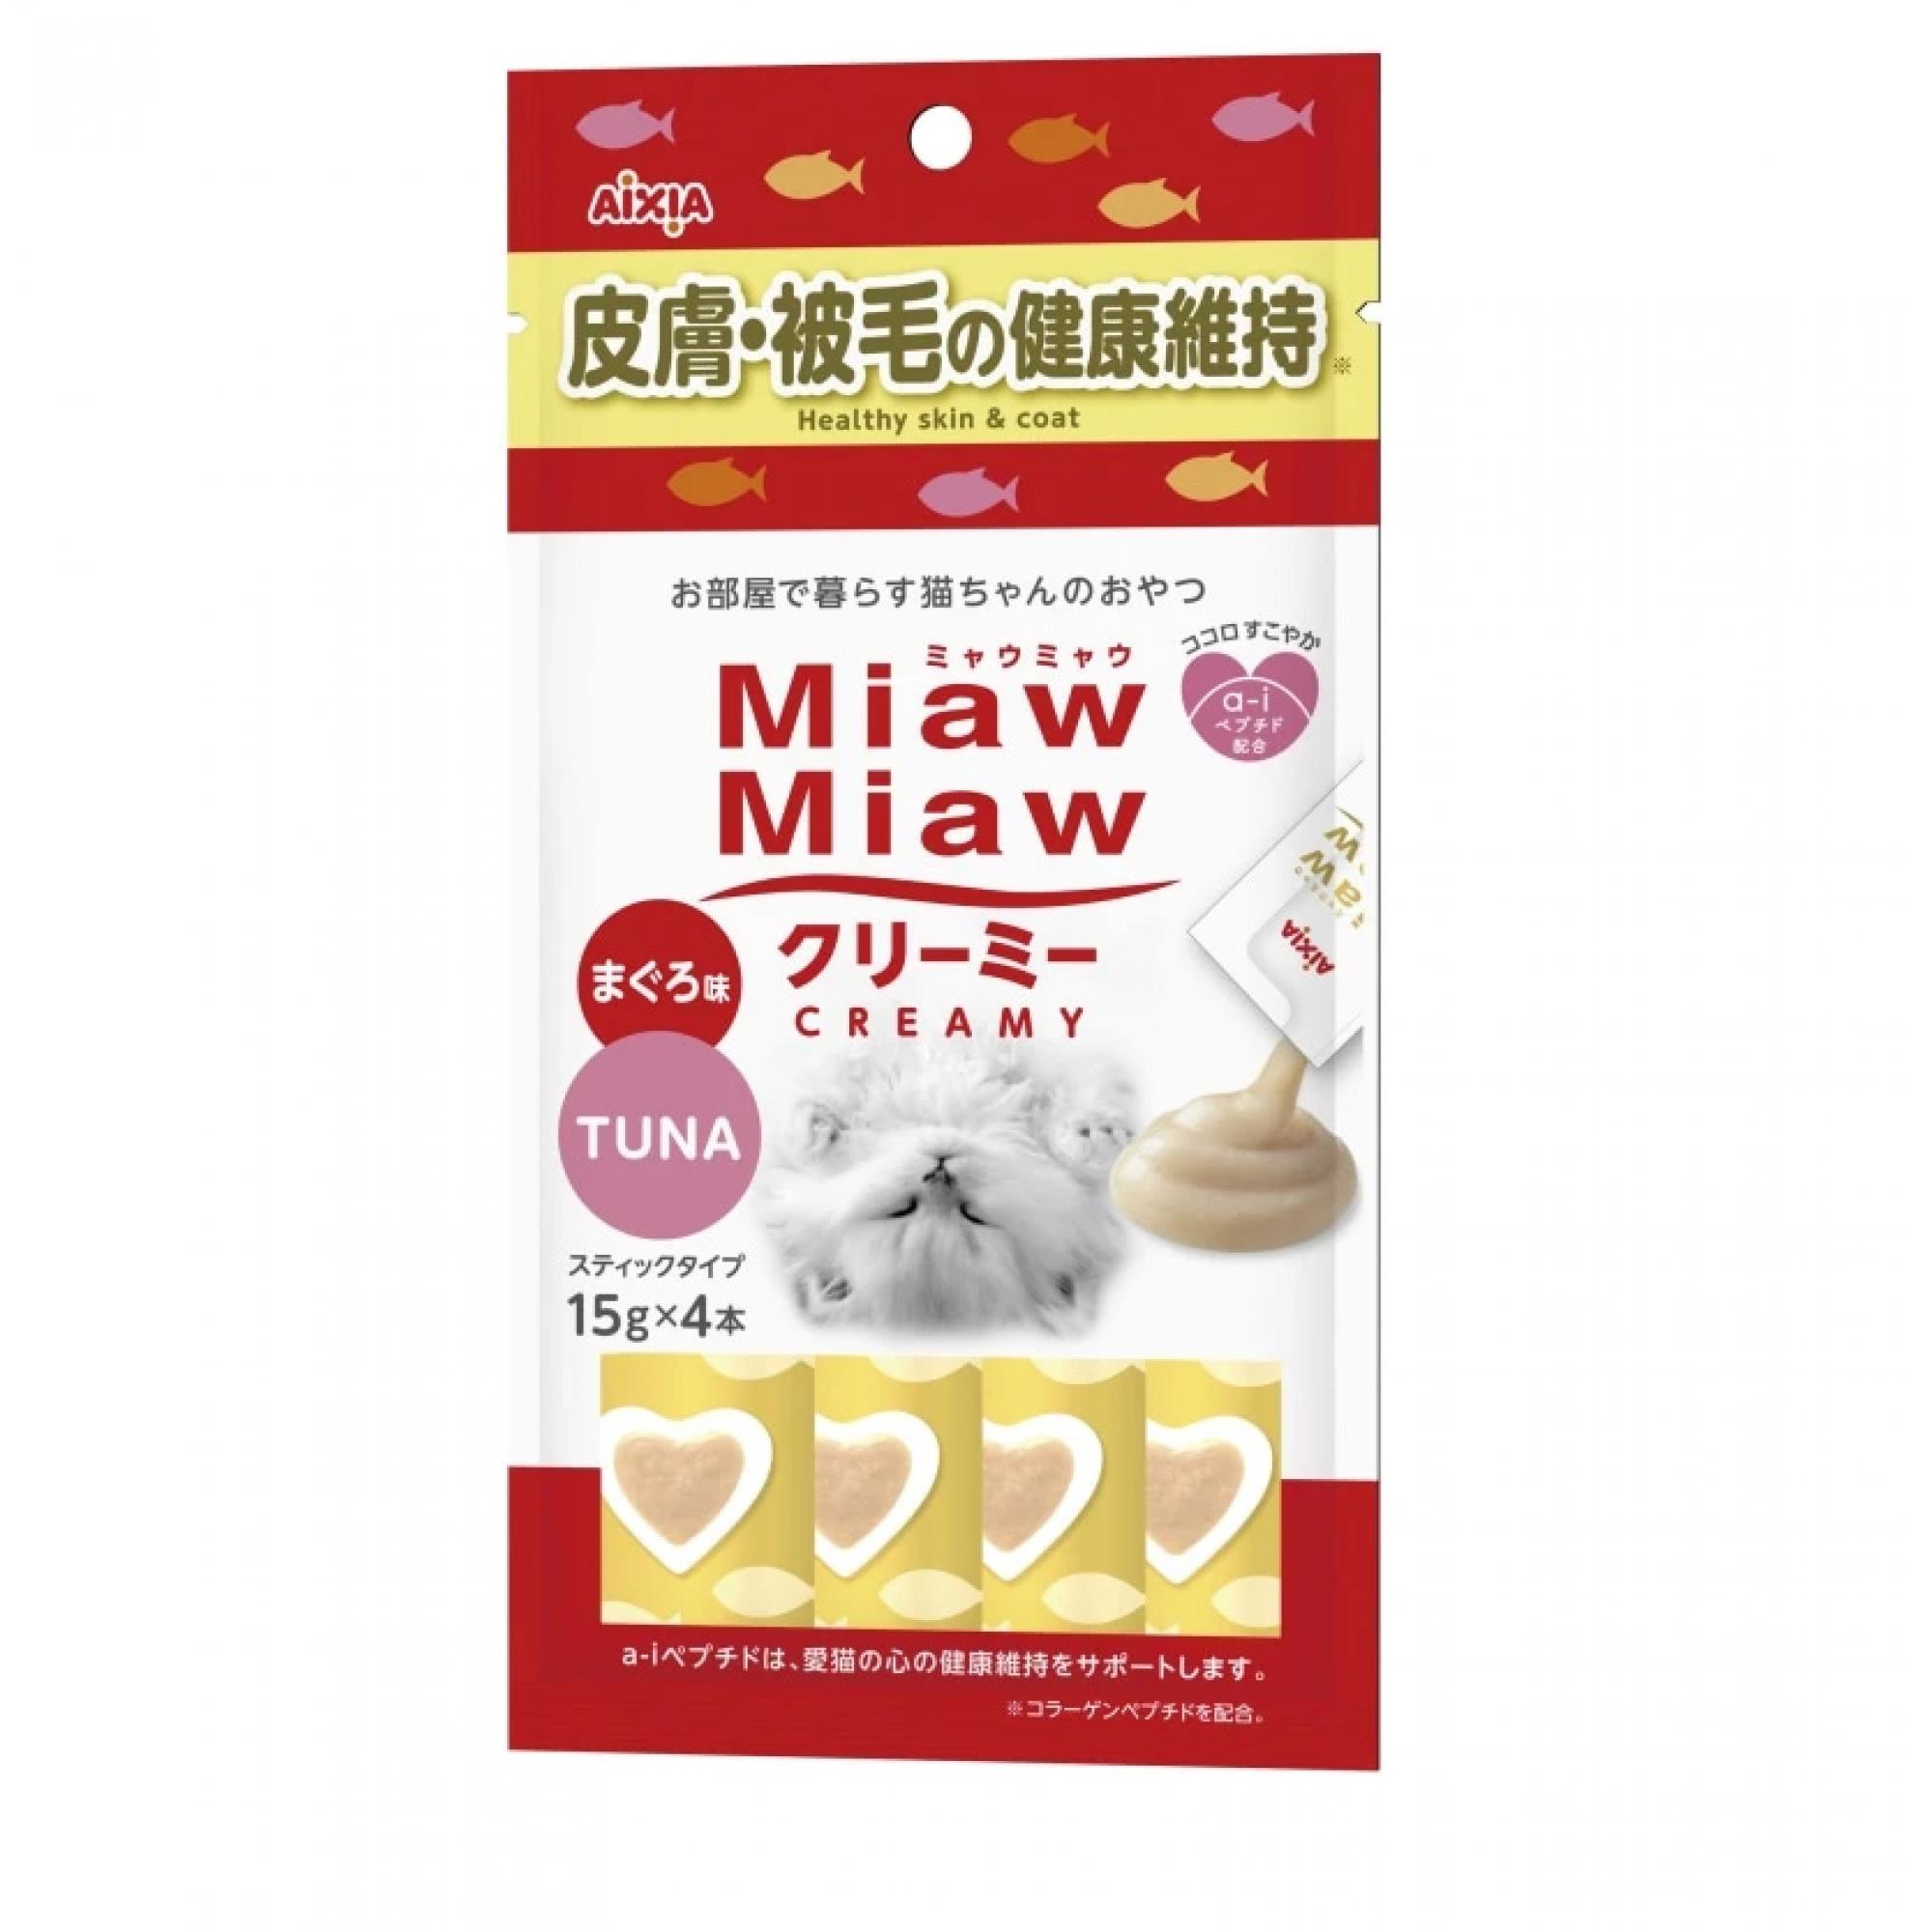 Aixia Miaw Miaw Creamy - Healthy Skin & Coat 15g x 4pcs